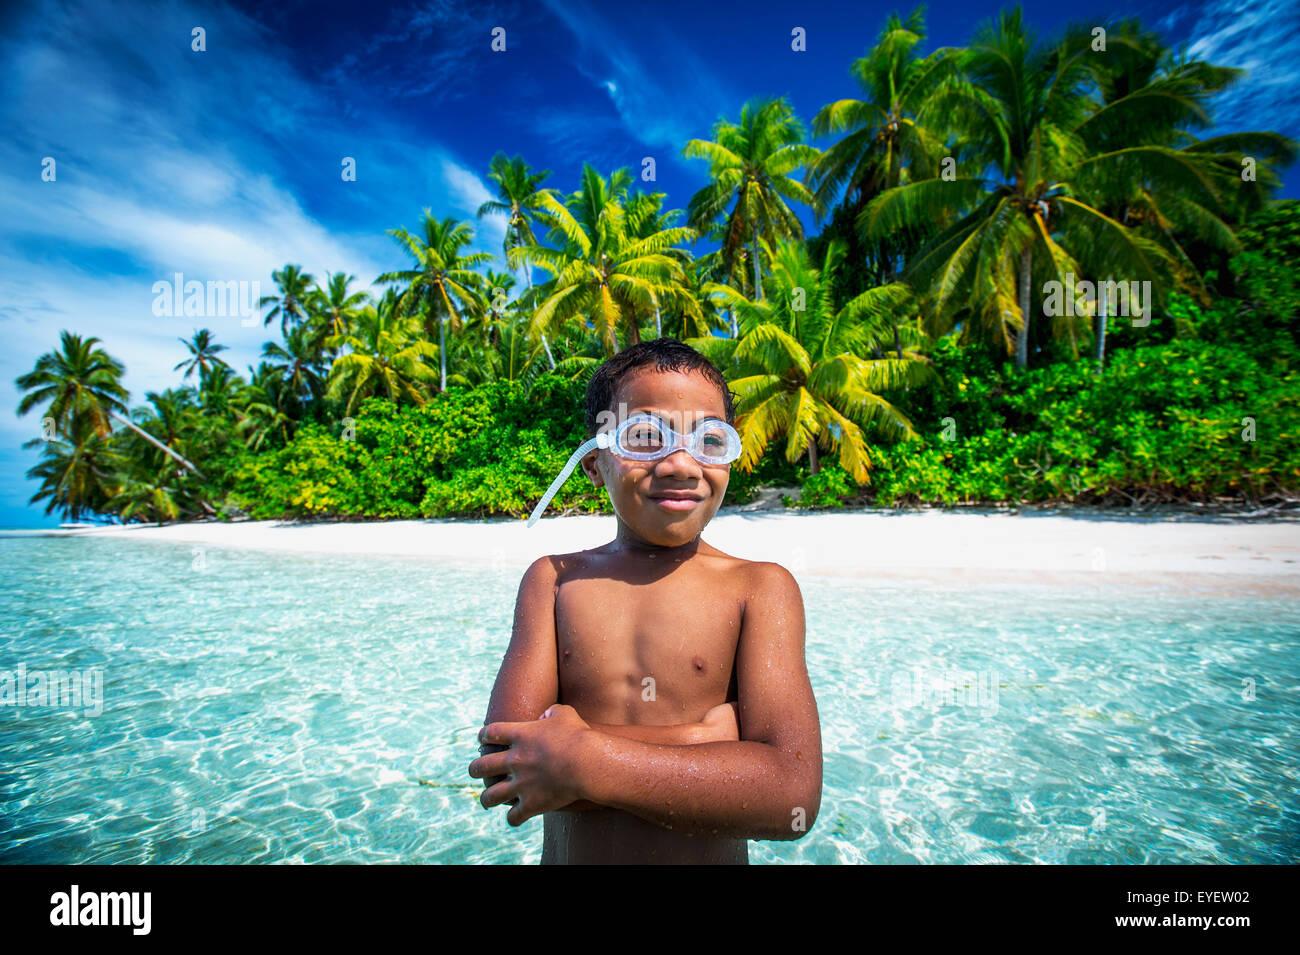 Tuvalu junge trägt Brille auf einer Insel, die Teil eines marine Park direkt neben dem Tuvalu Festland bildet; Stockbild